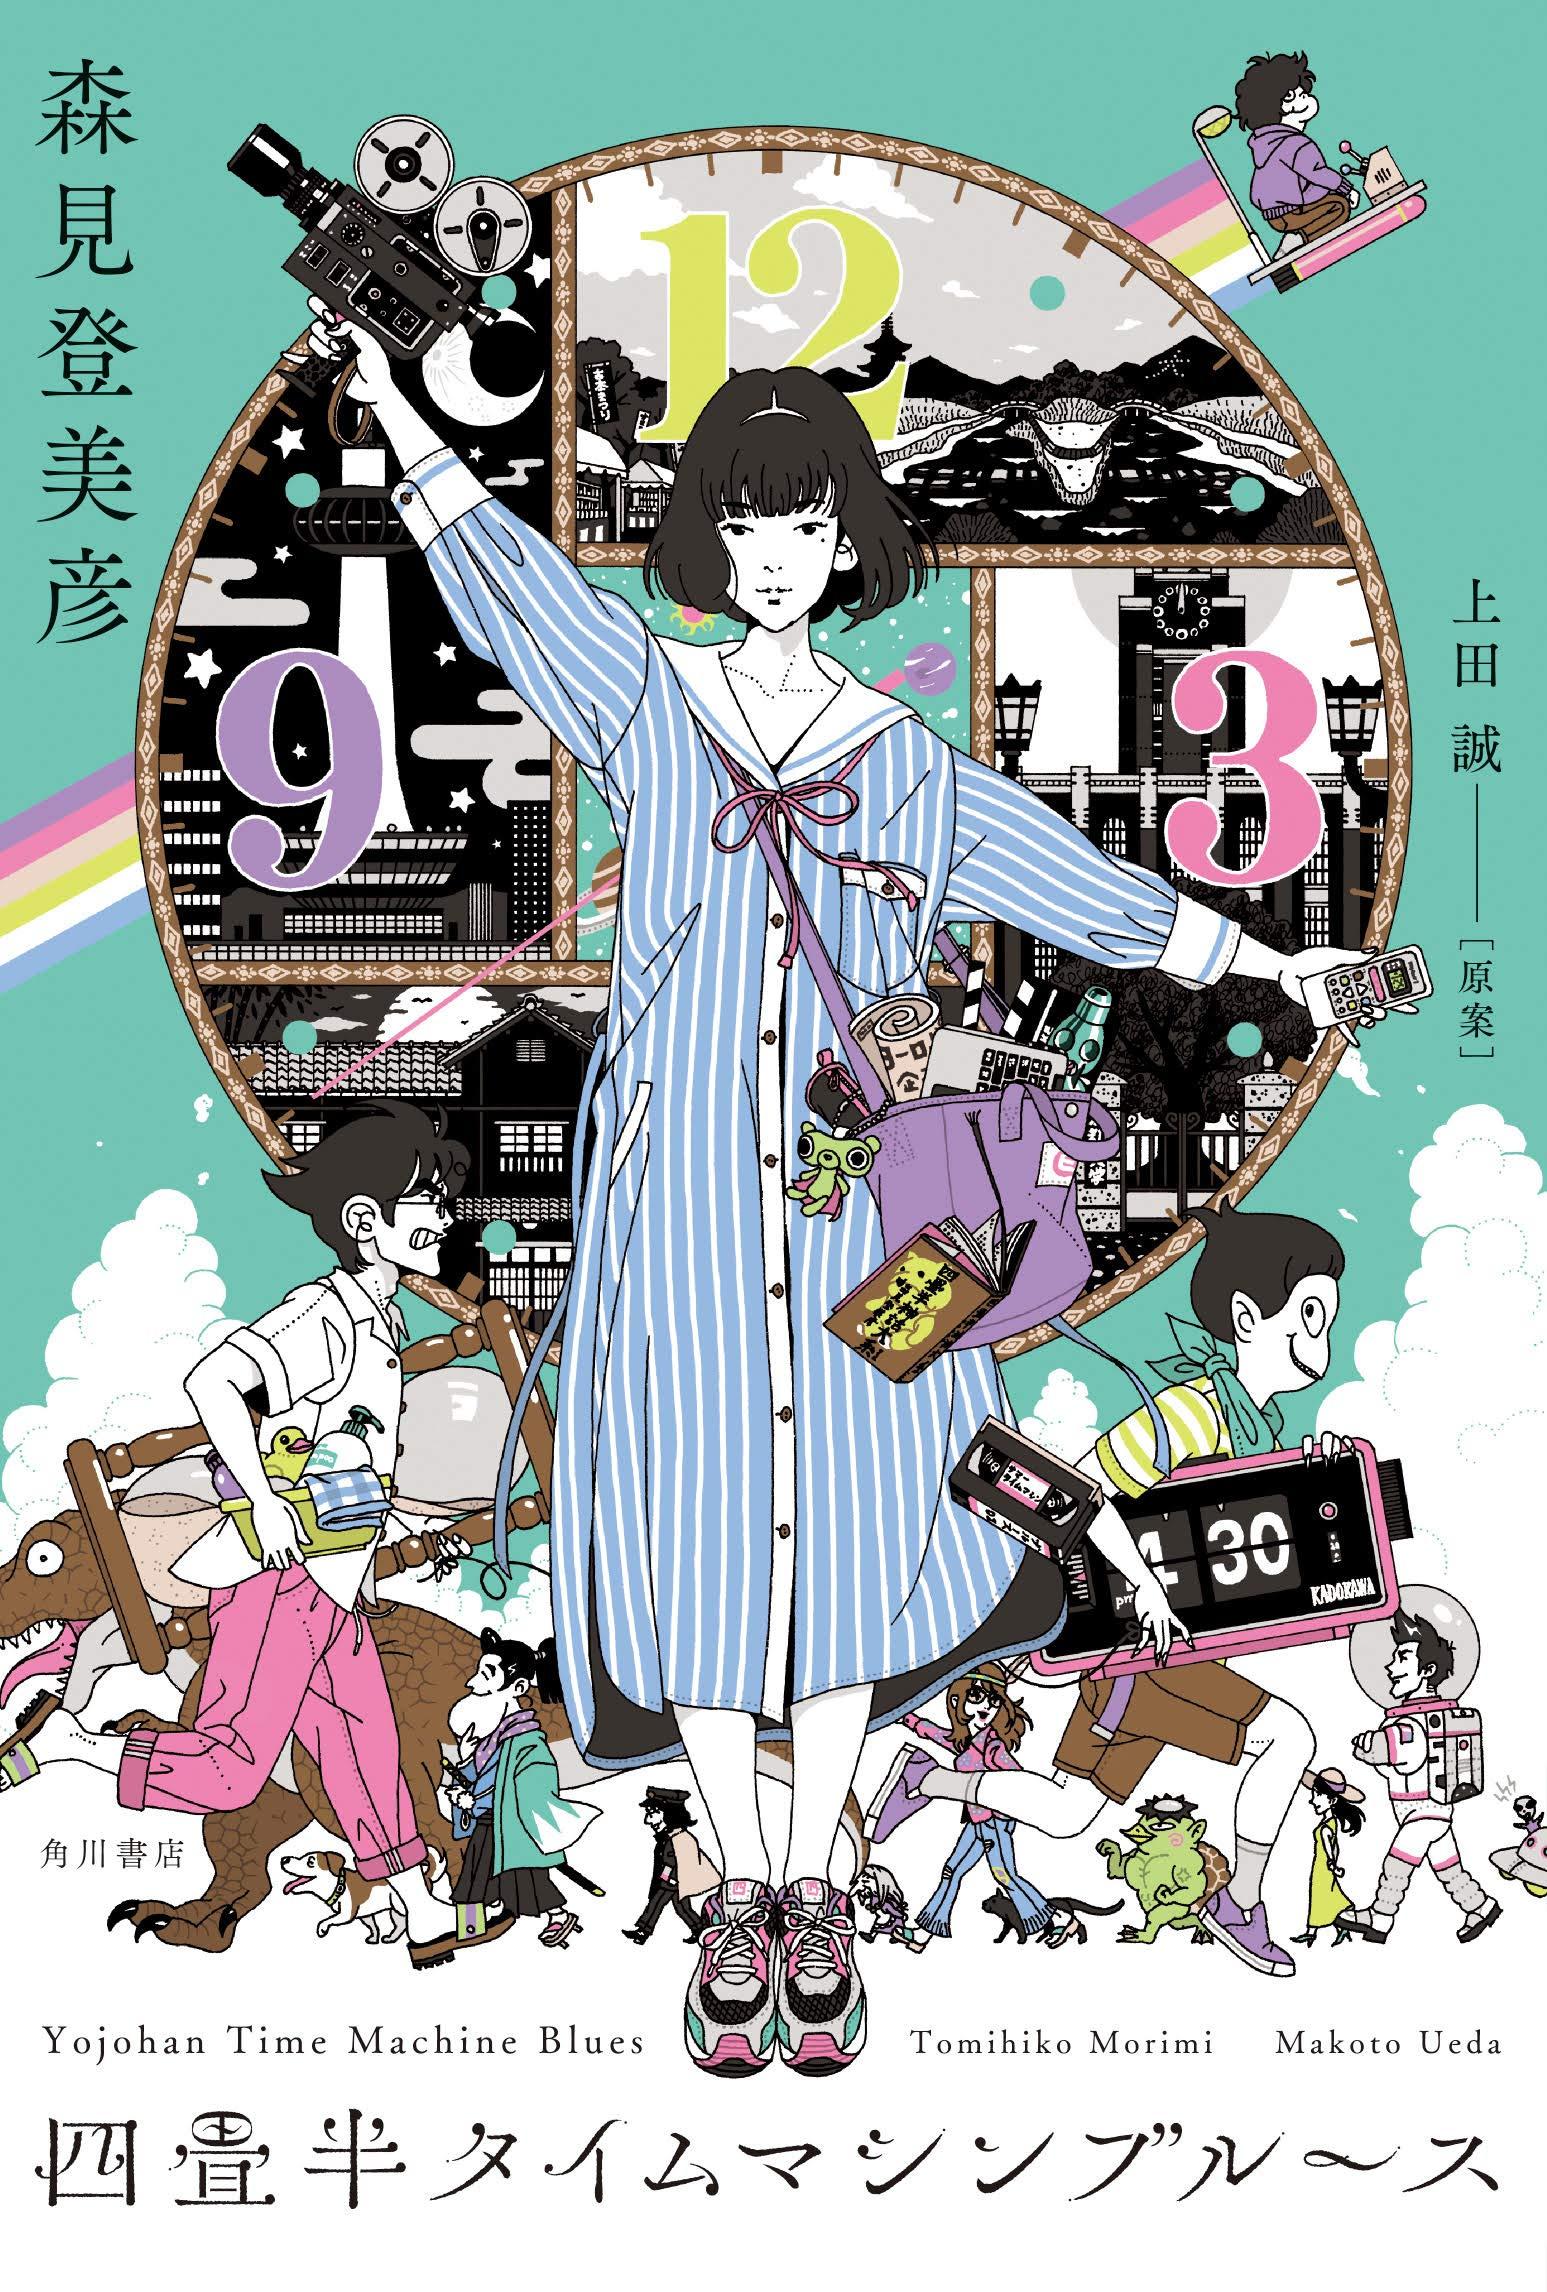 رواية استكمالية لـ The Tatami Galaxy صدرت اليوم!